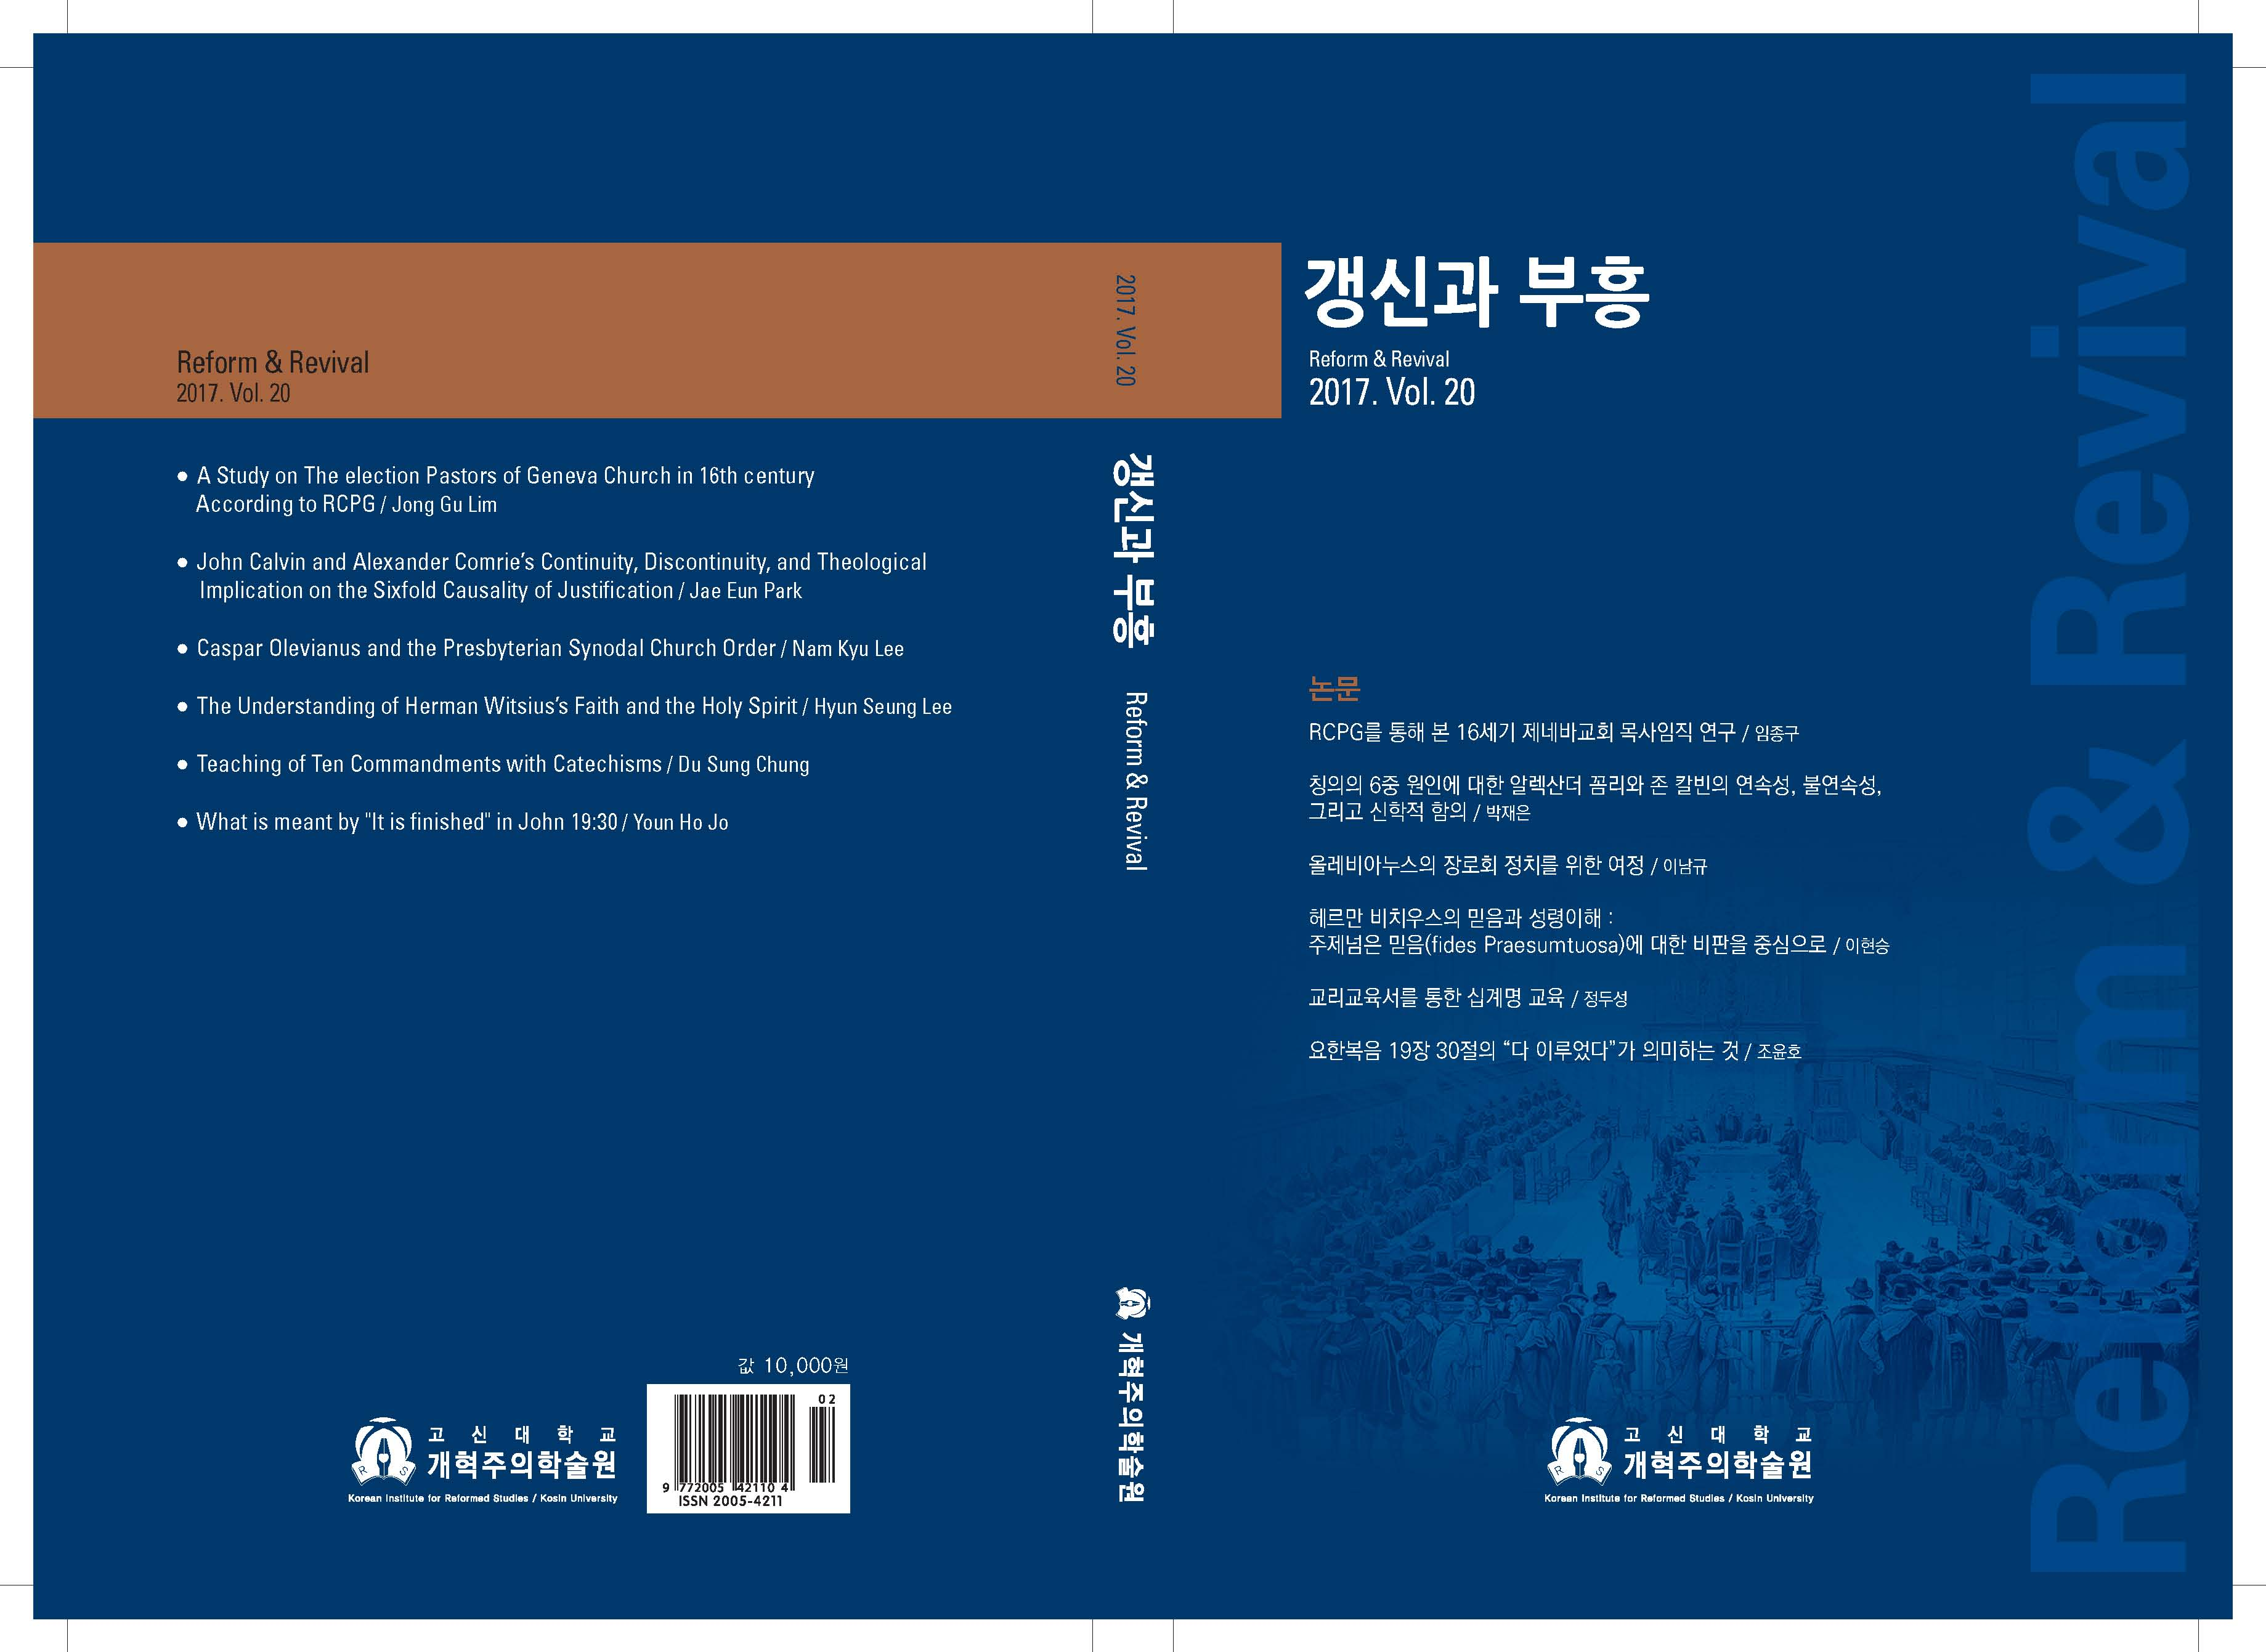 갱신과부흥 제20호 표지_수정4_Page_1.jpg